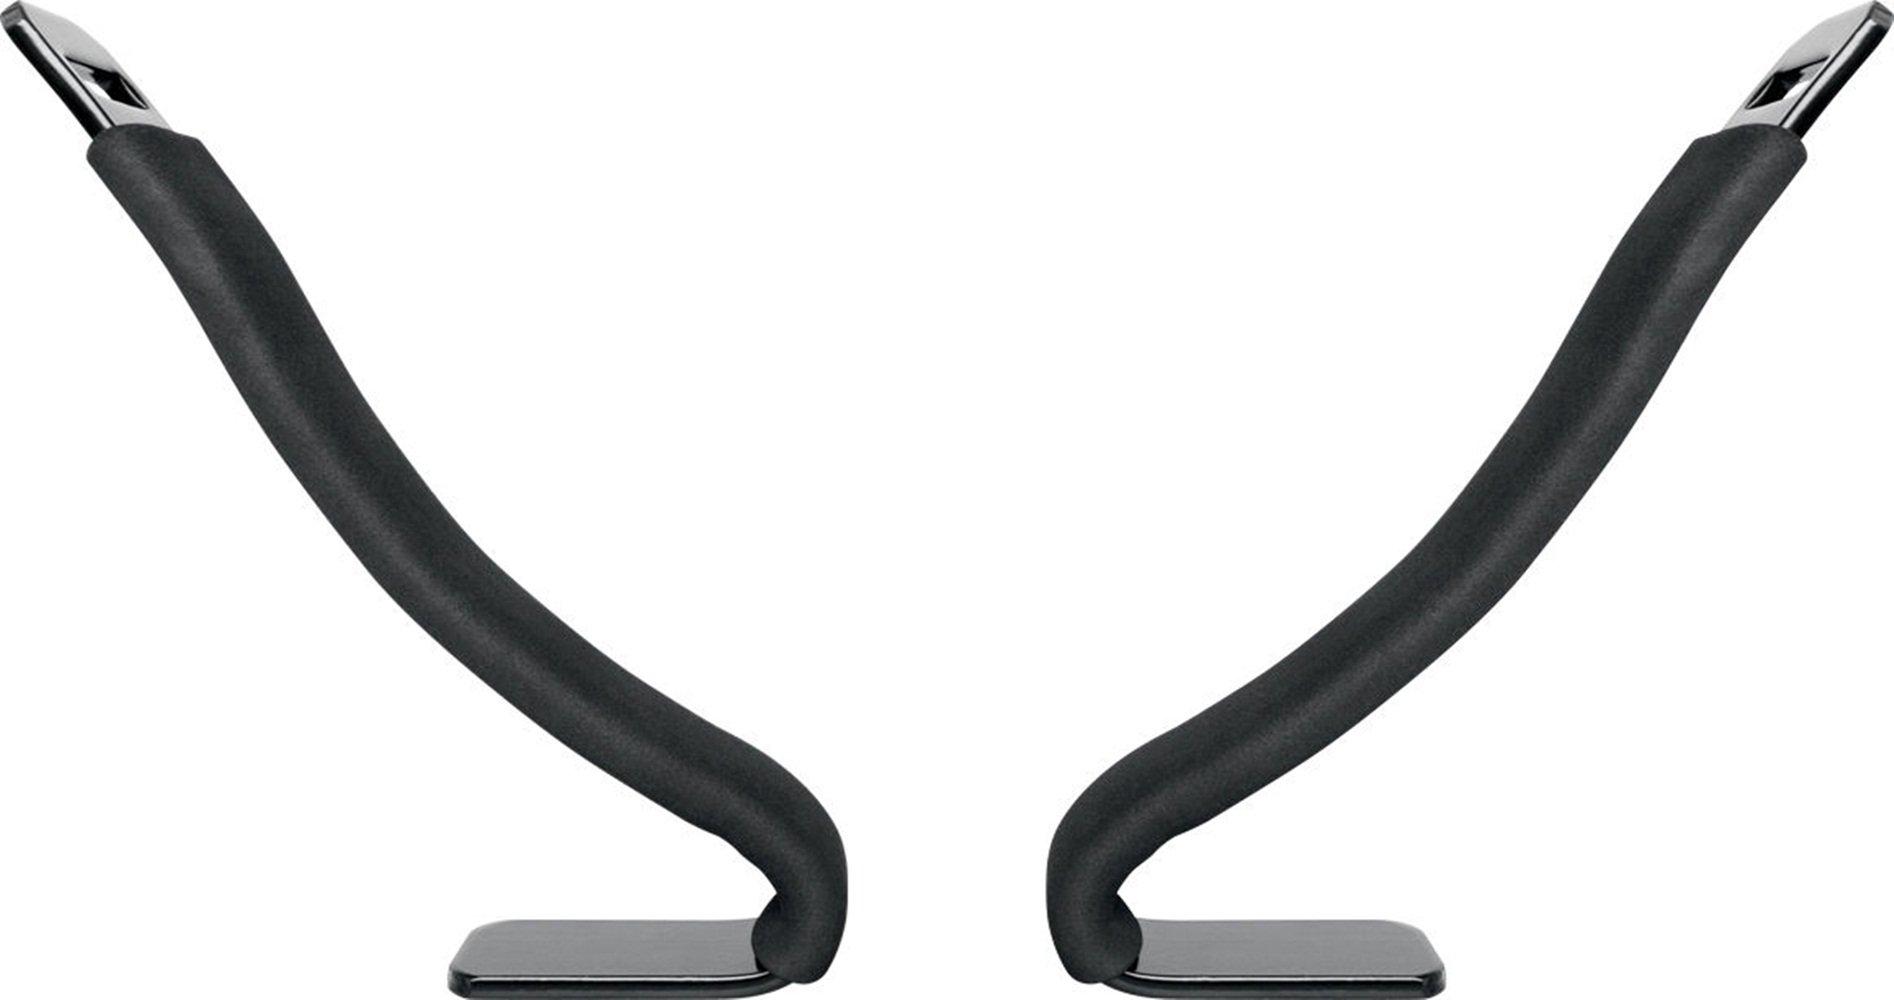 Kayak Holder for Suv V Rack Top Carrier Holder for Canoe or Kayak Fits on Vehicle Truck SUV Cross Bar